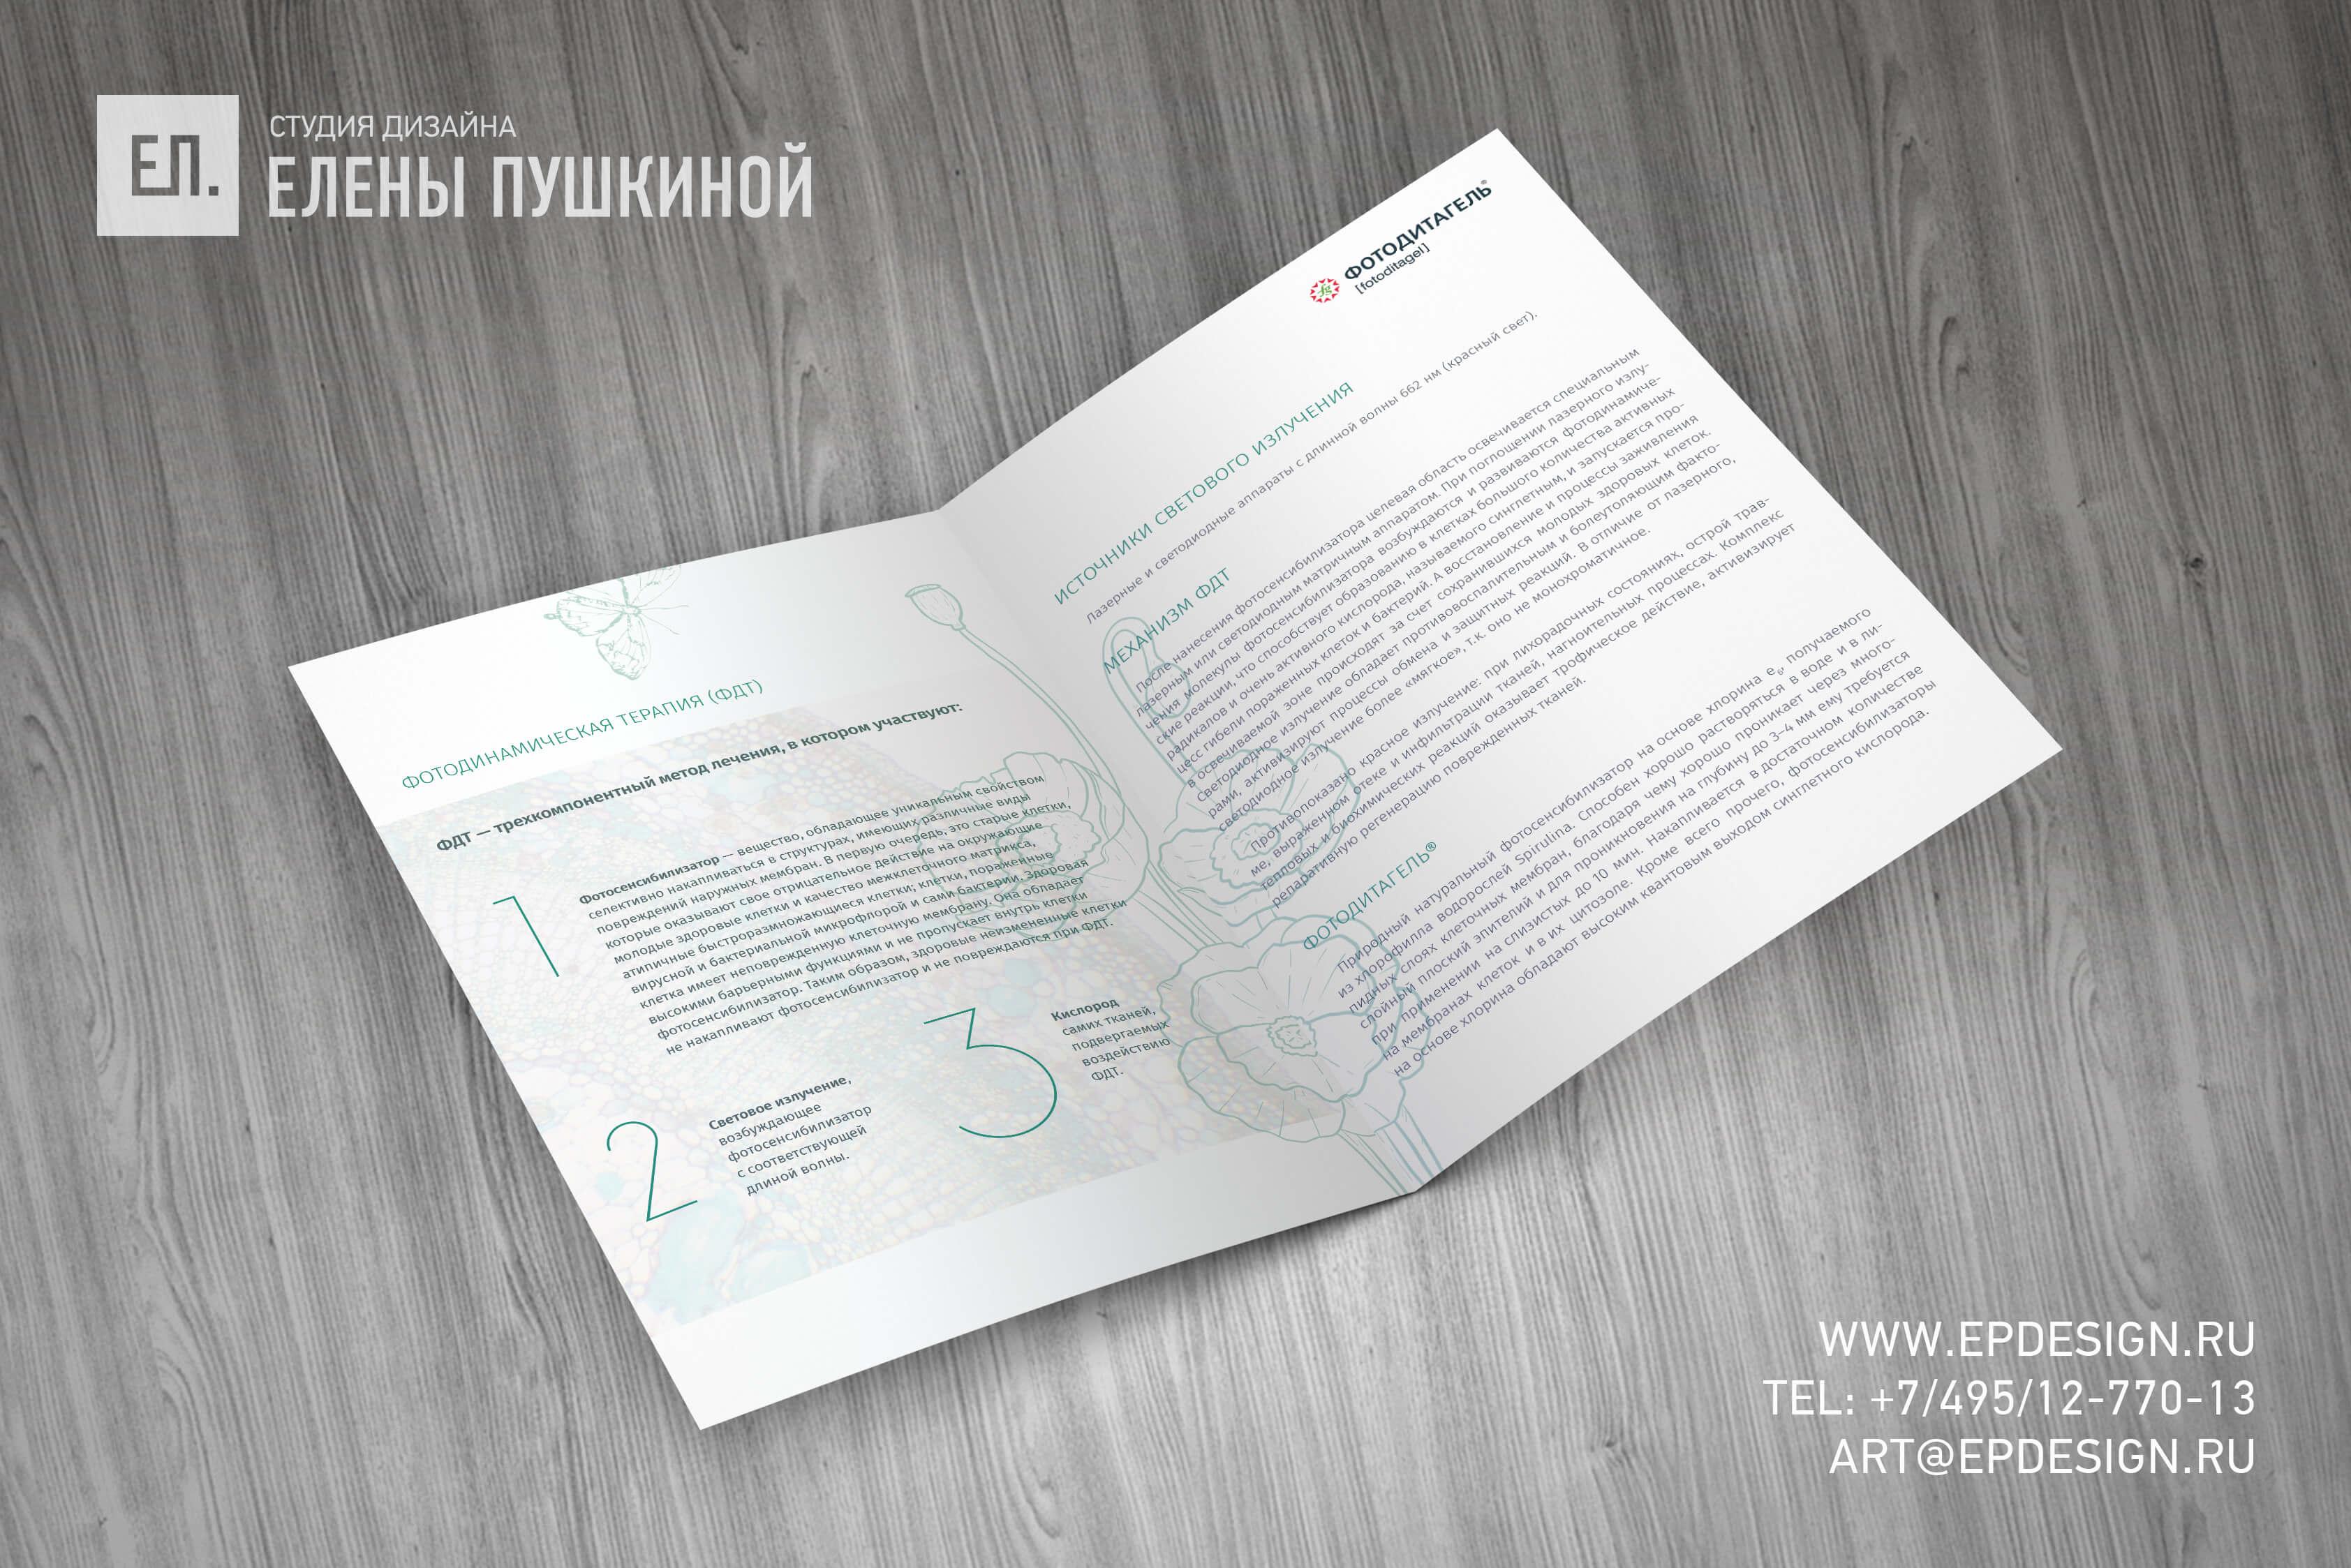 Буклет фотодинамическая терапия встоматологии спрепаратом «ФОТОДИТАГЕЛЬ»— разработка дизайна ивёрстка буклета Дизайн брошюр, буклетов Портфолио